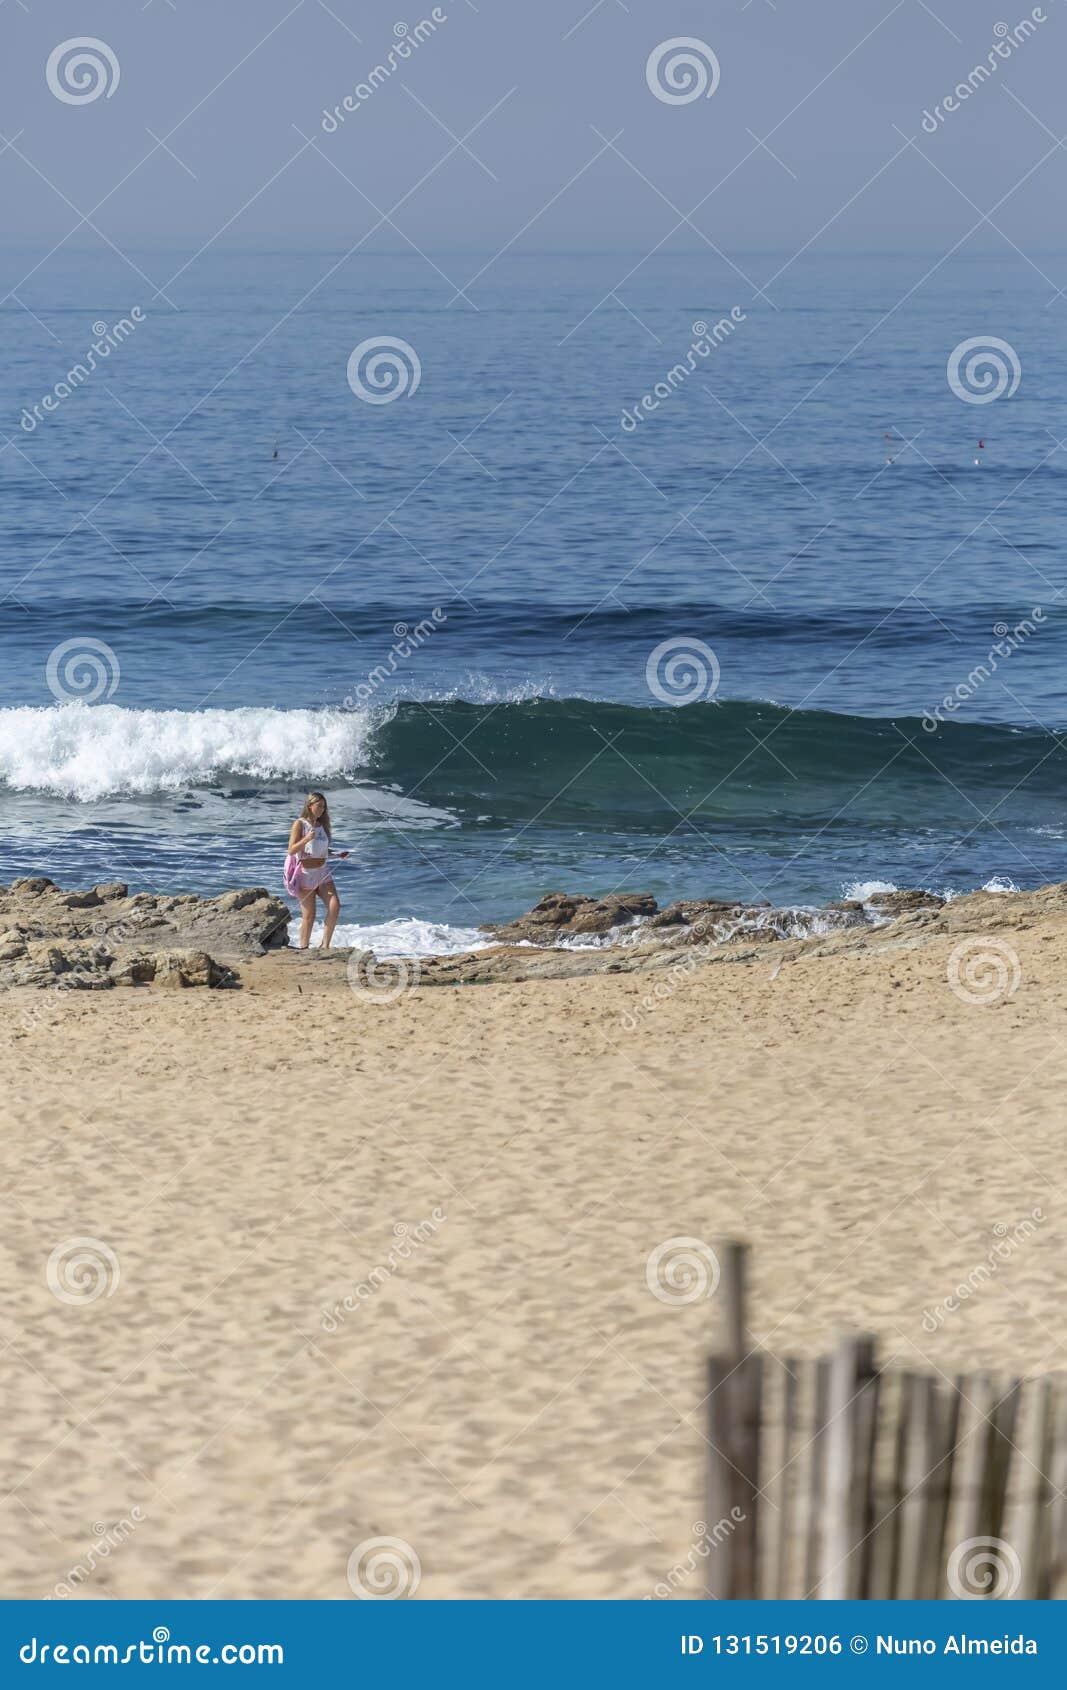 Leca da Palmeira/Порту/Португалия - 10 04 2018: Порту/Португалия - 10 04 2018: Взгляд на девушке, самостоятельно, стойке и смотре